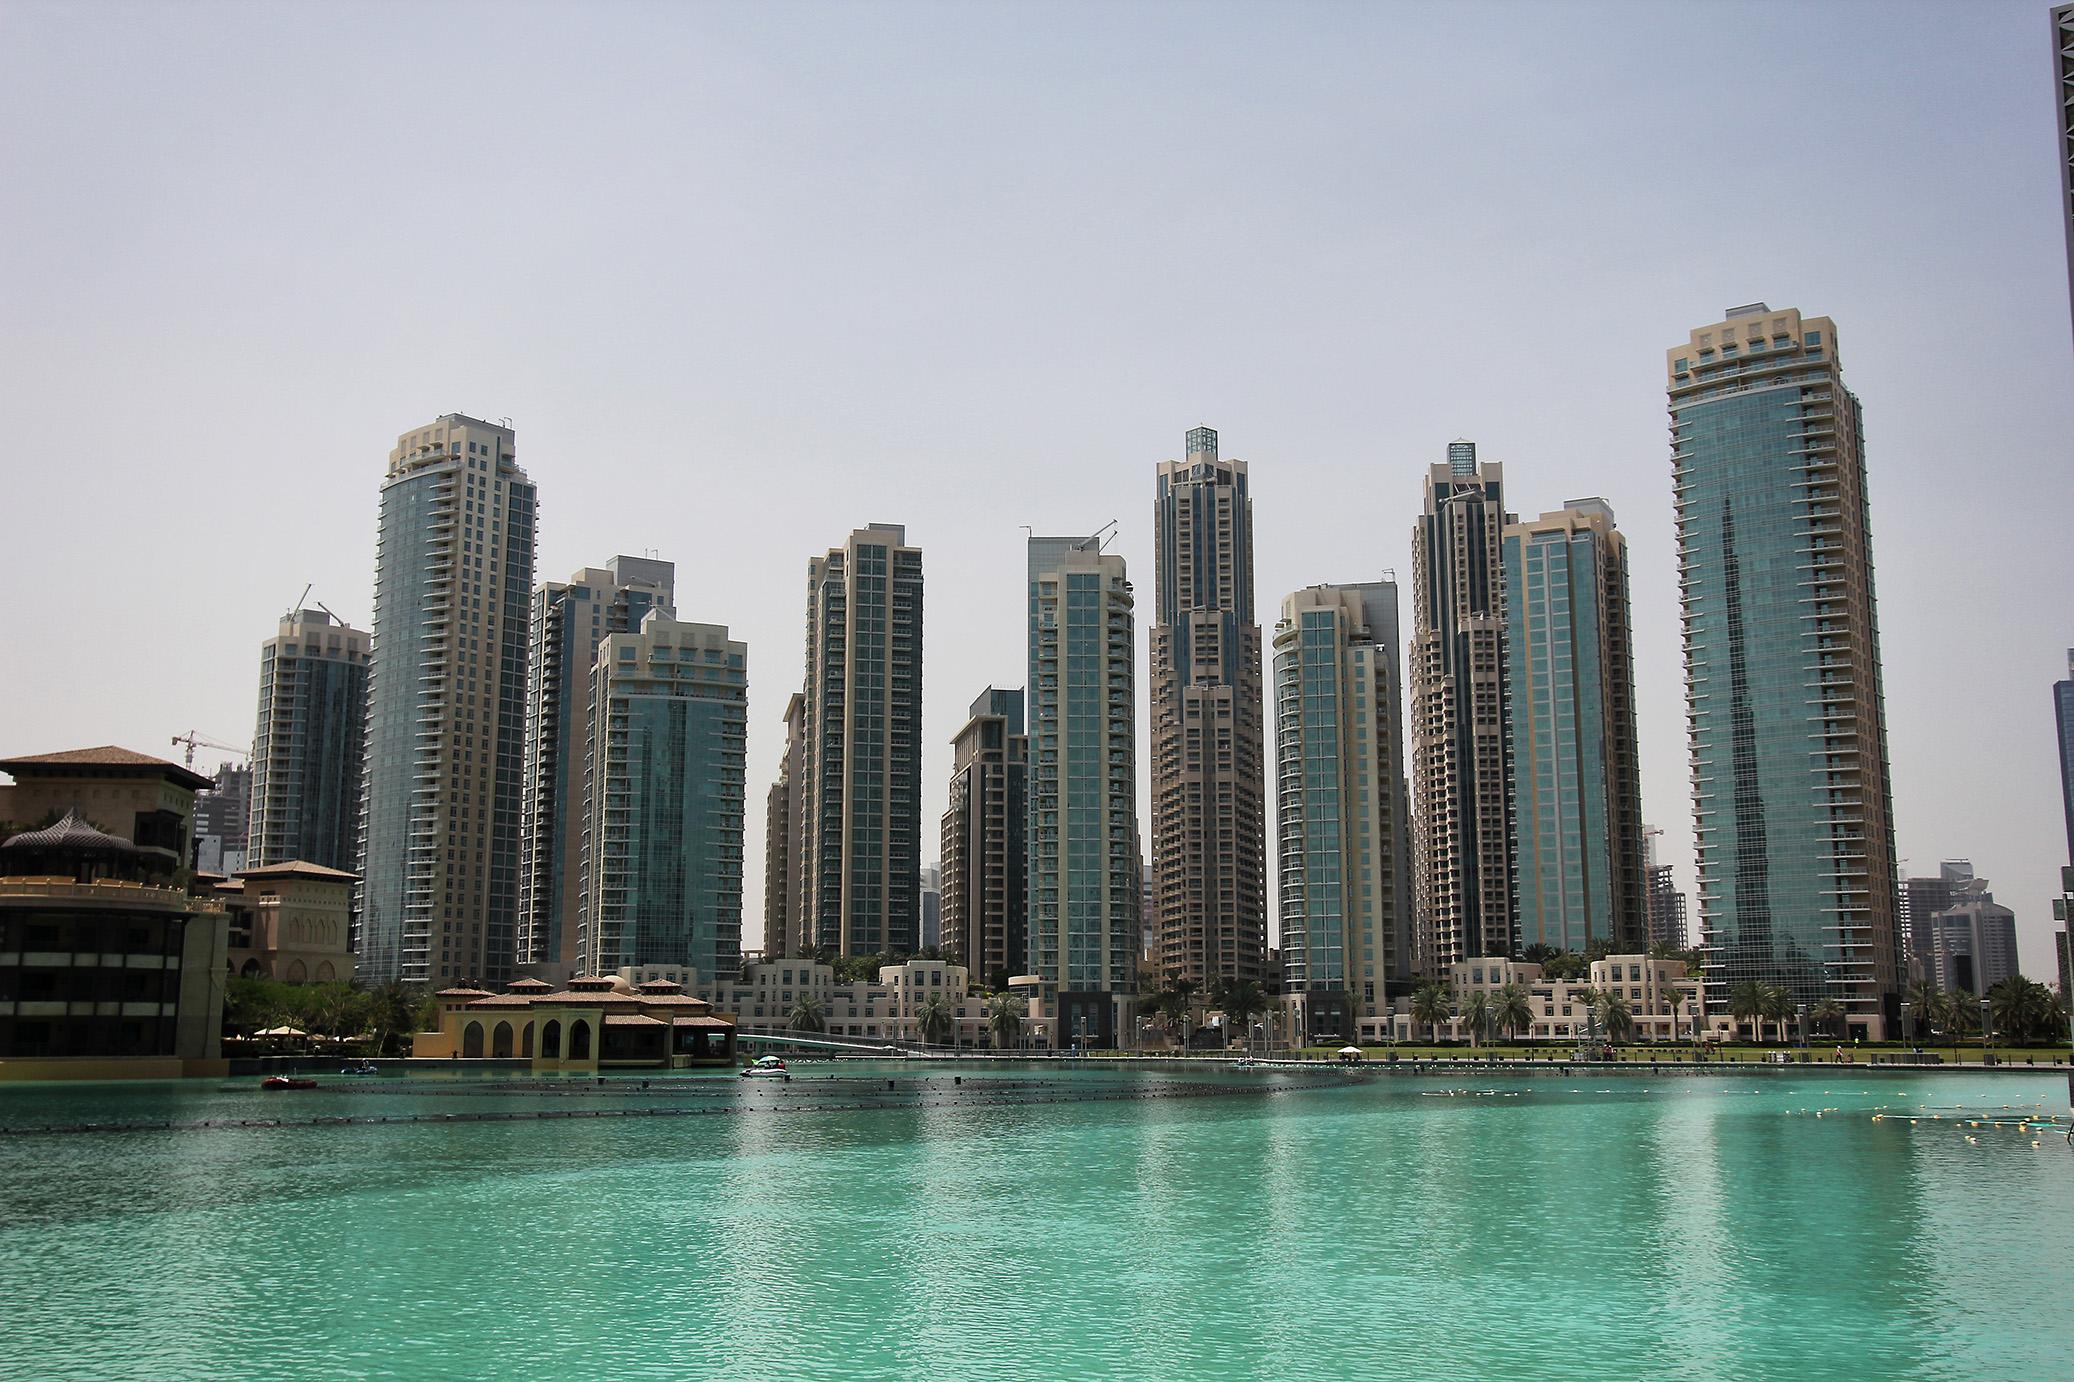 Atlantis dubai jamoandjen Dubai buildings